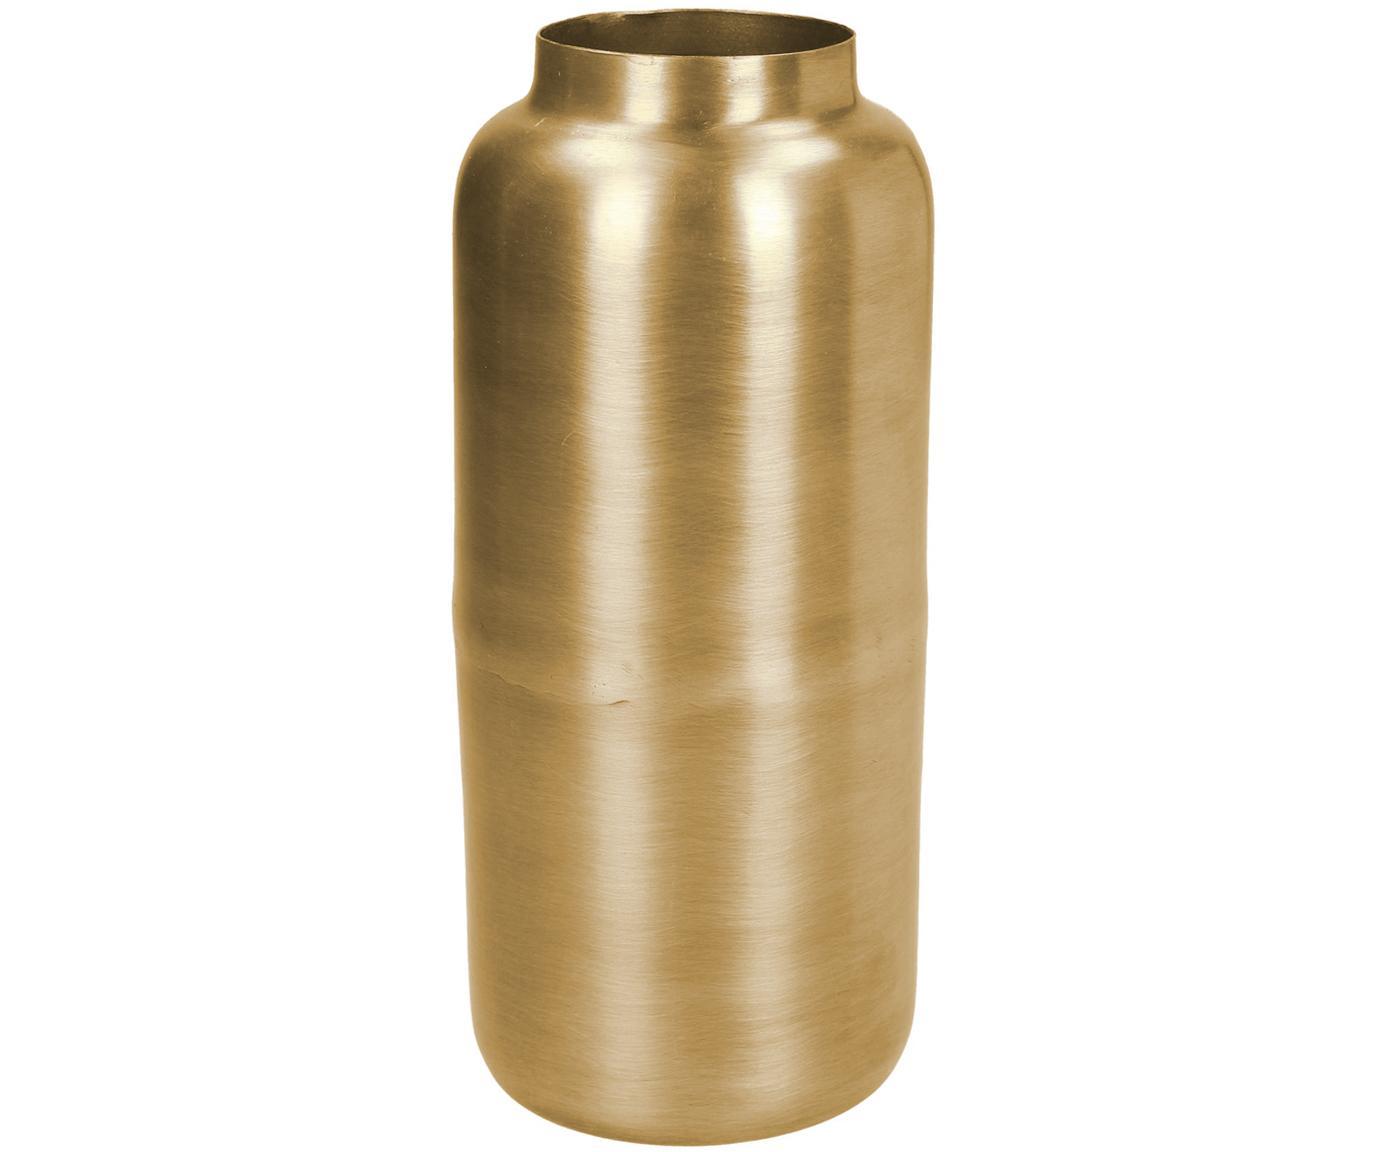 Jarrón de metal Simply, Metal, recubierto y no impermeable, Latón, Ø 8 x Al 19 cm